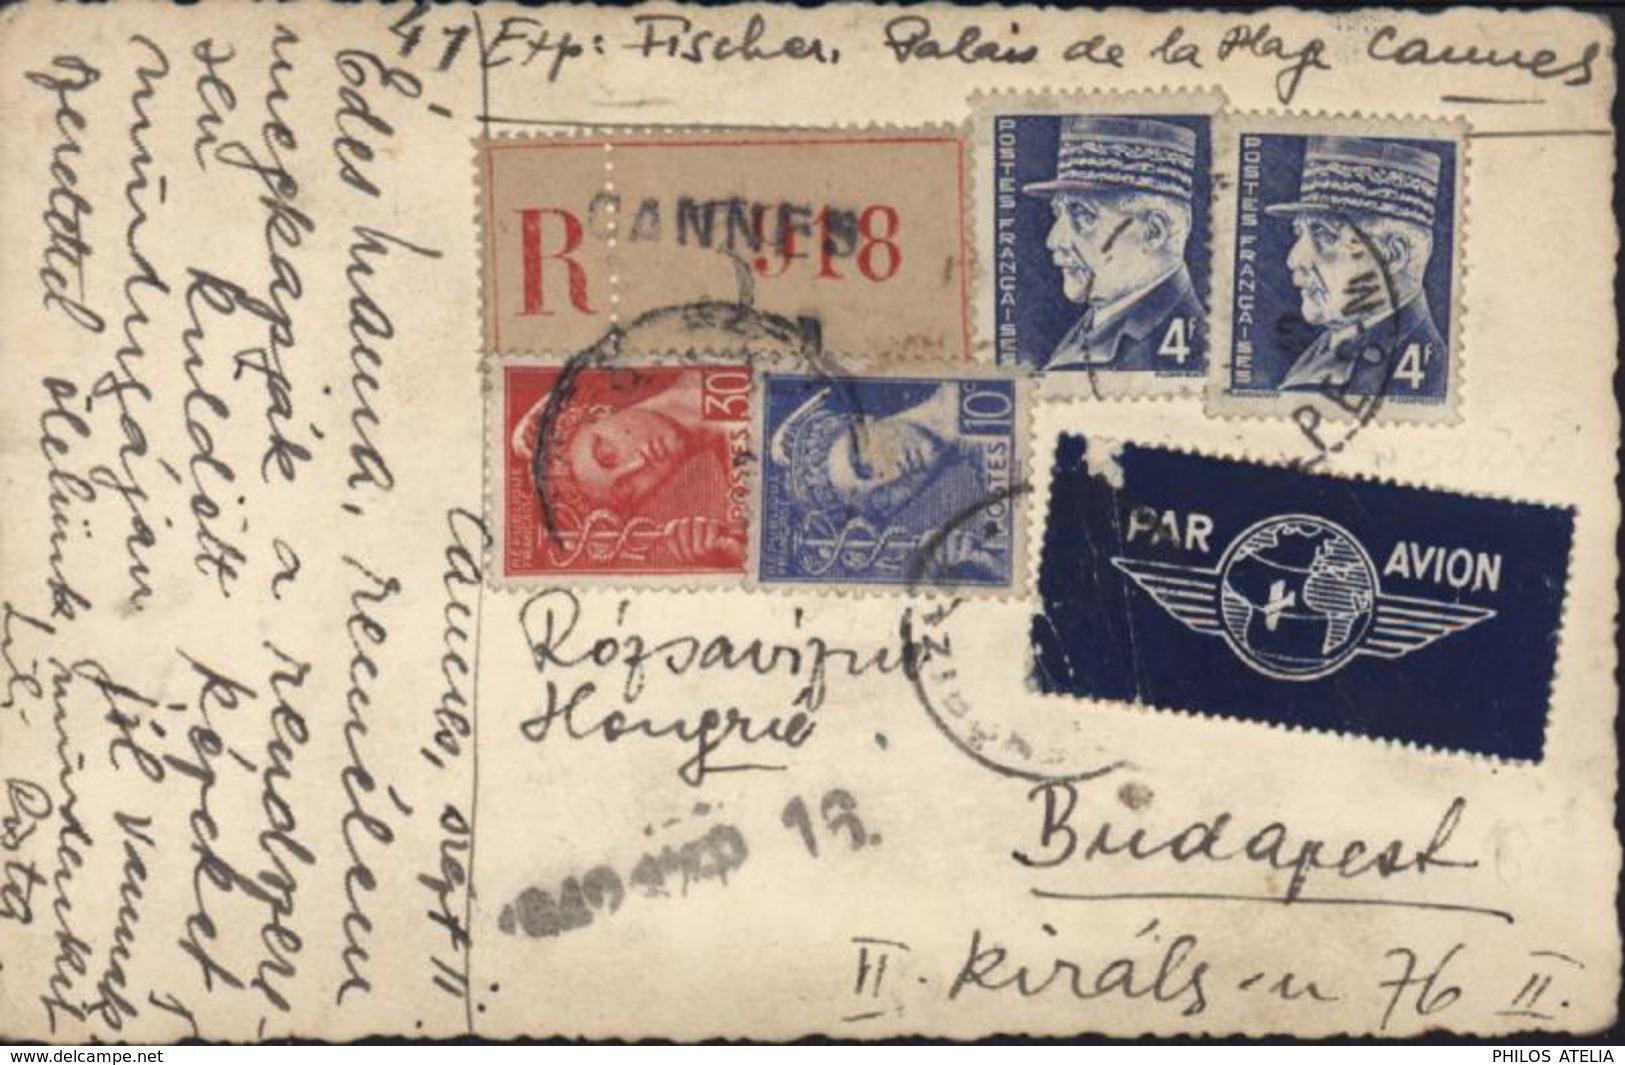 Carte Postale Photo En Recommandé Par Avion YT Petain 522 X2 + Mercure 407 + 412 CAD Cannes 1942 - Poststempel (Briefe)